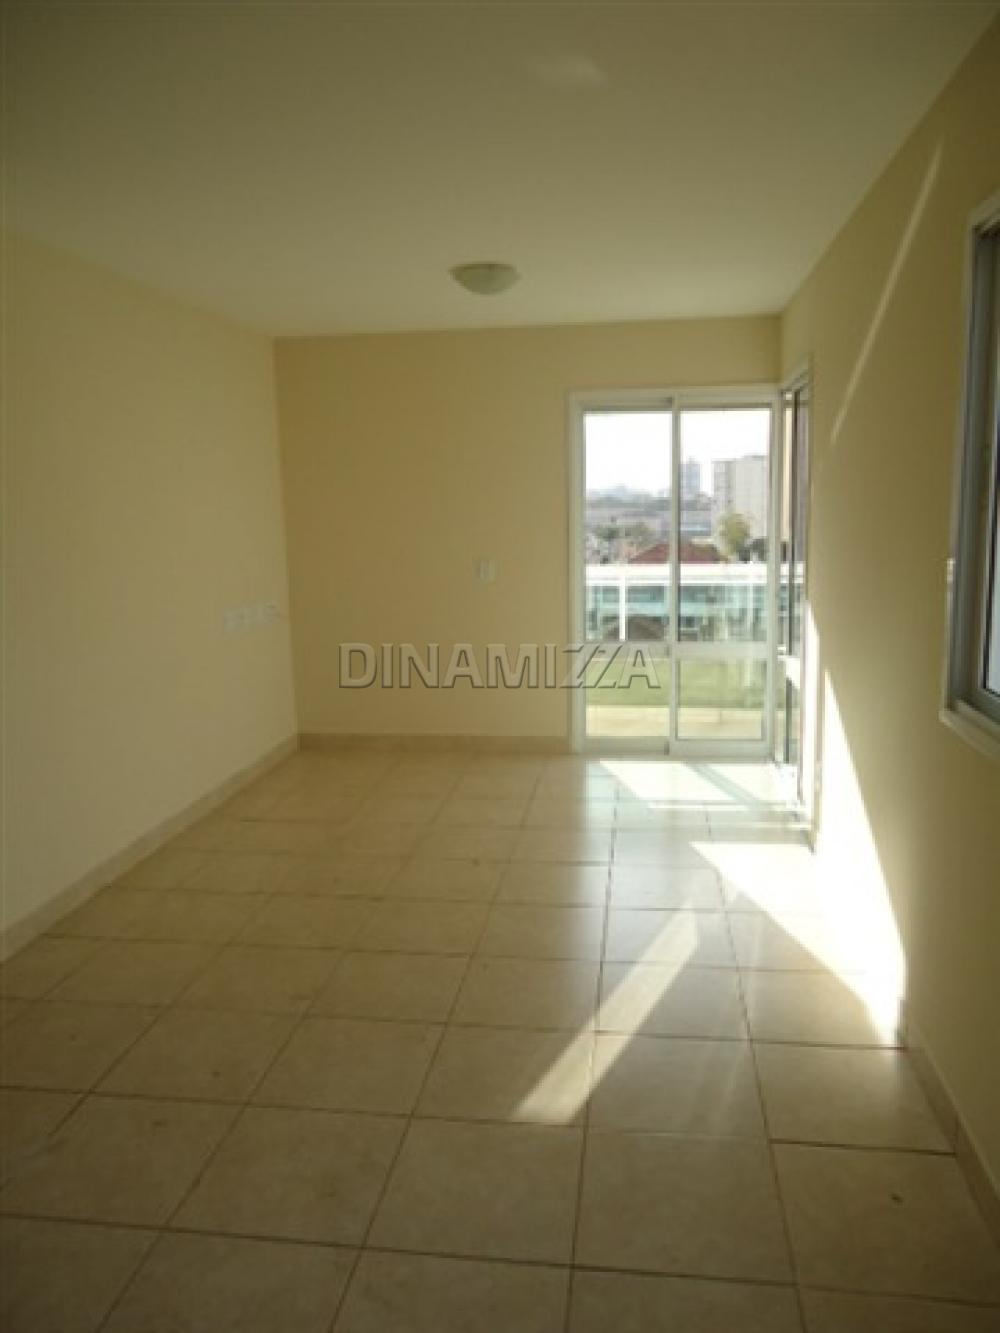 Alugar Apartamento / Padrão em Uberaba apenas R$ 1.200,00 - Foto 2